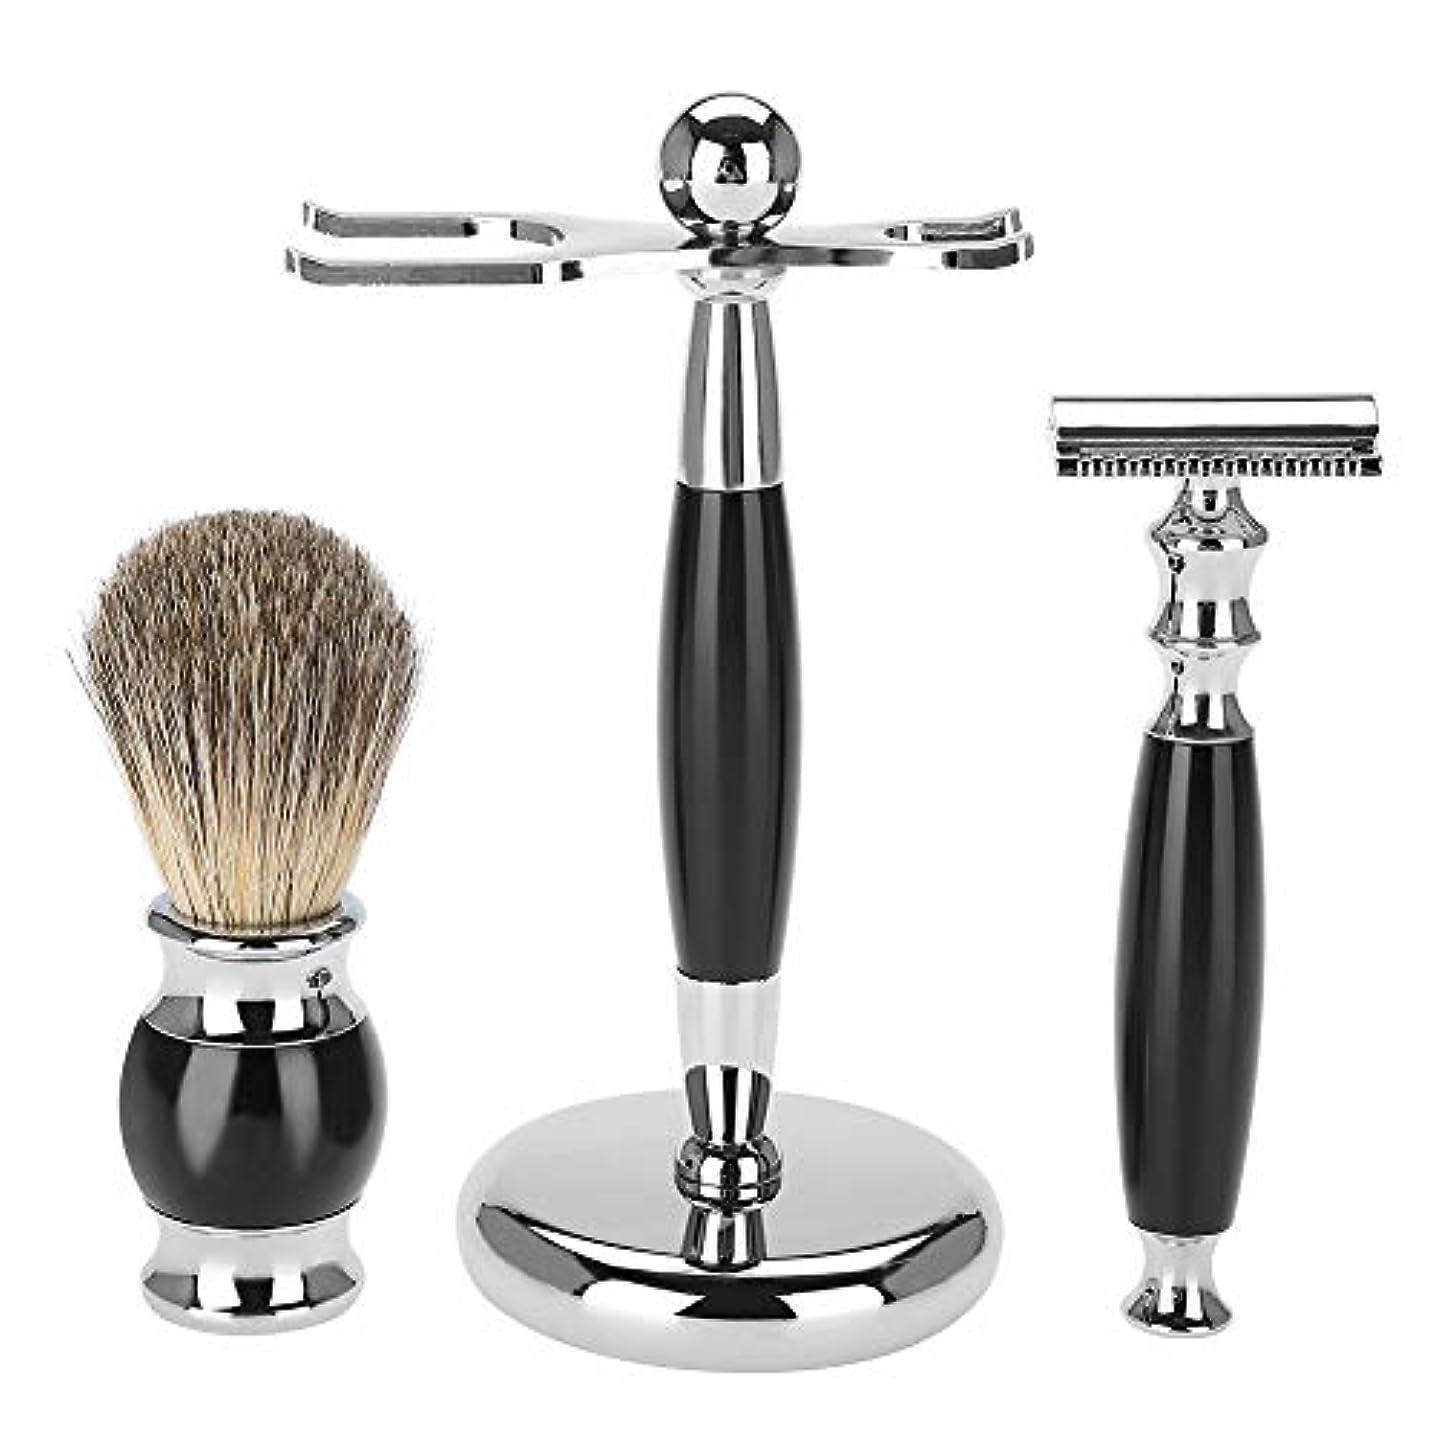 承知しましたインペリアル確かなひげ剃りセット安全剃刀ブラシスタンドラックホルダー (ブラック)